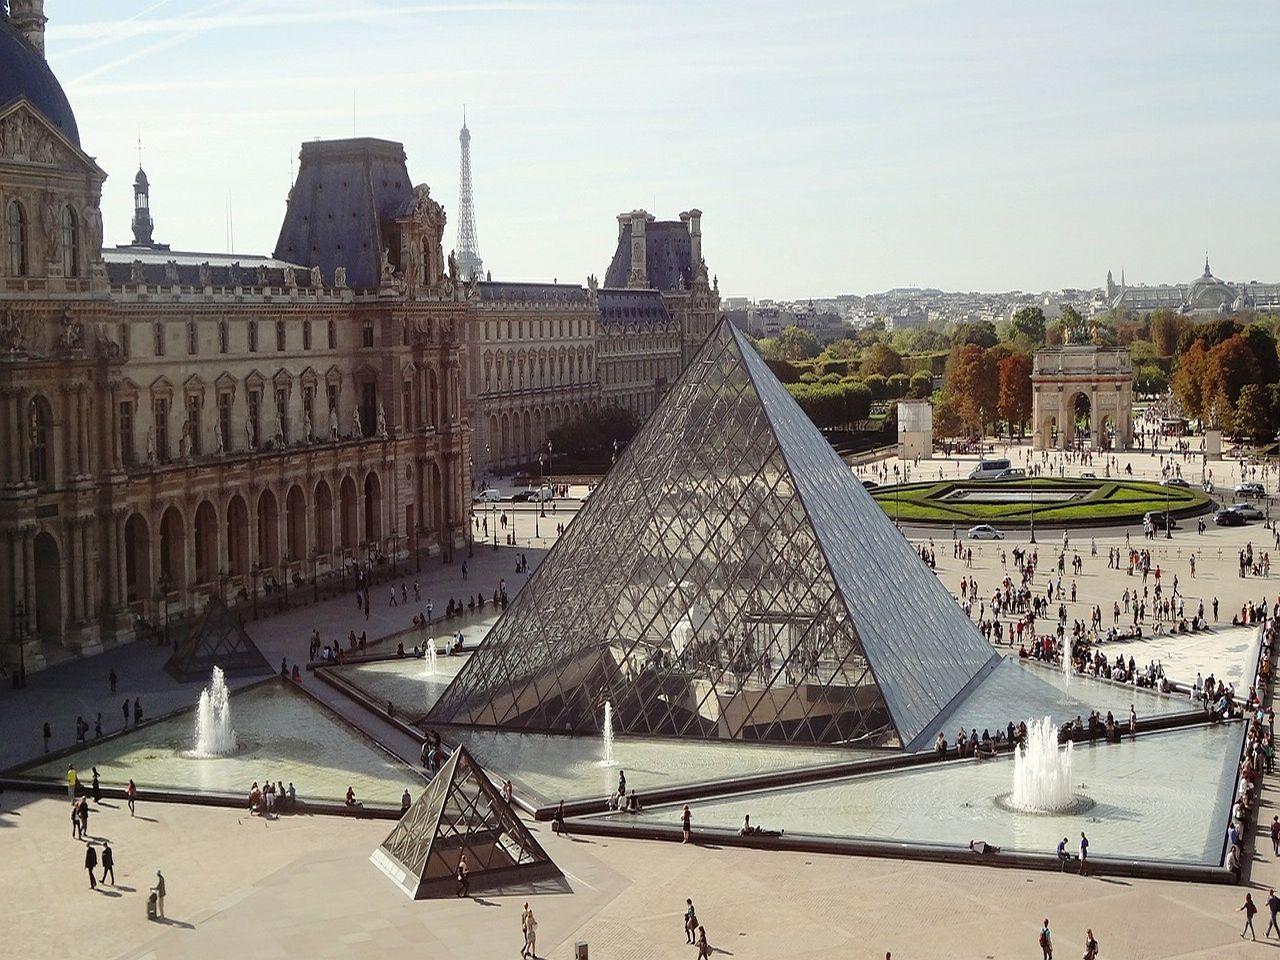 Museo del Louvre en París. Imagen de 139904 en Pixabay.